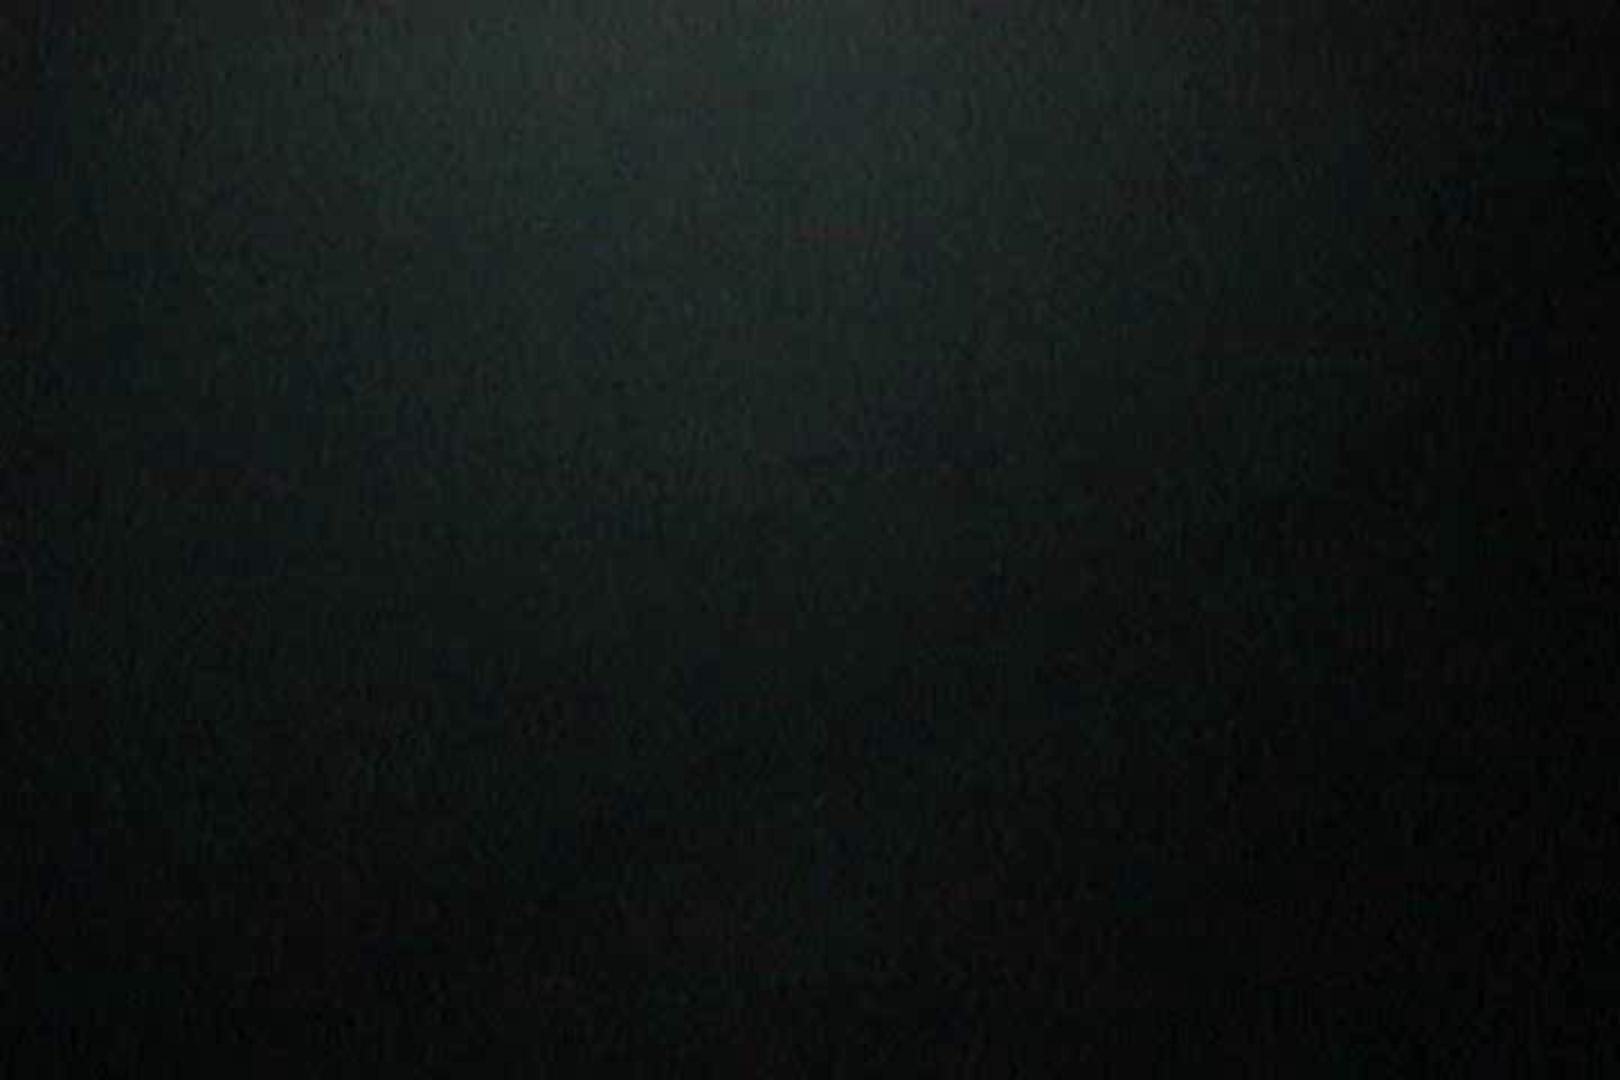 充血監督の深夜の運動会Vol.8 美しいOLの裸体 | おっぱい  75pic 64